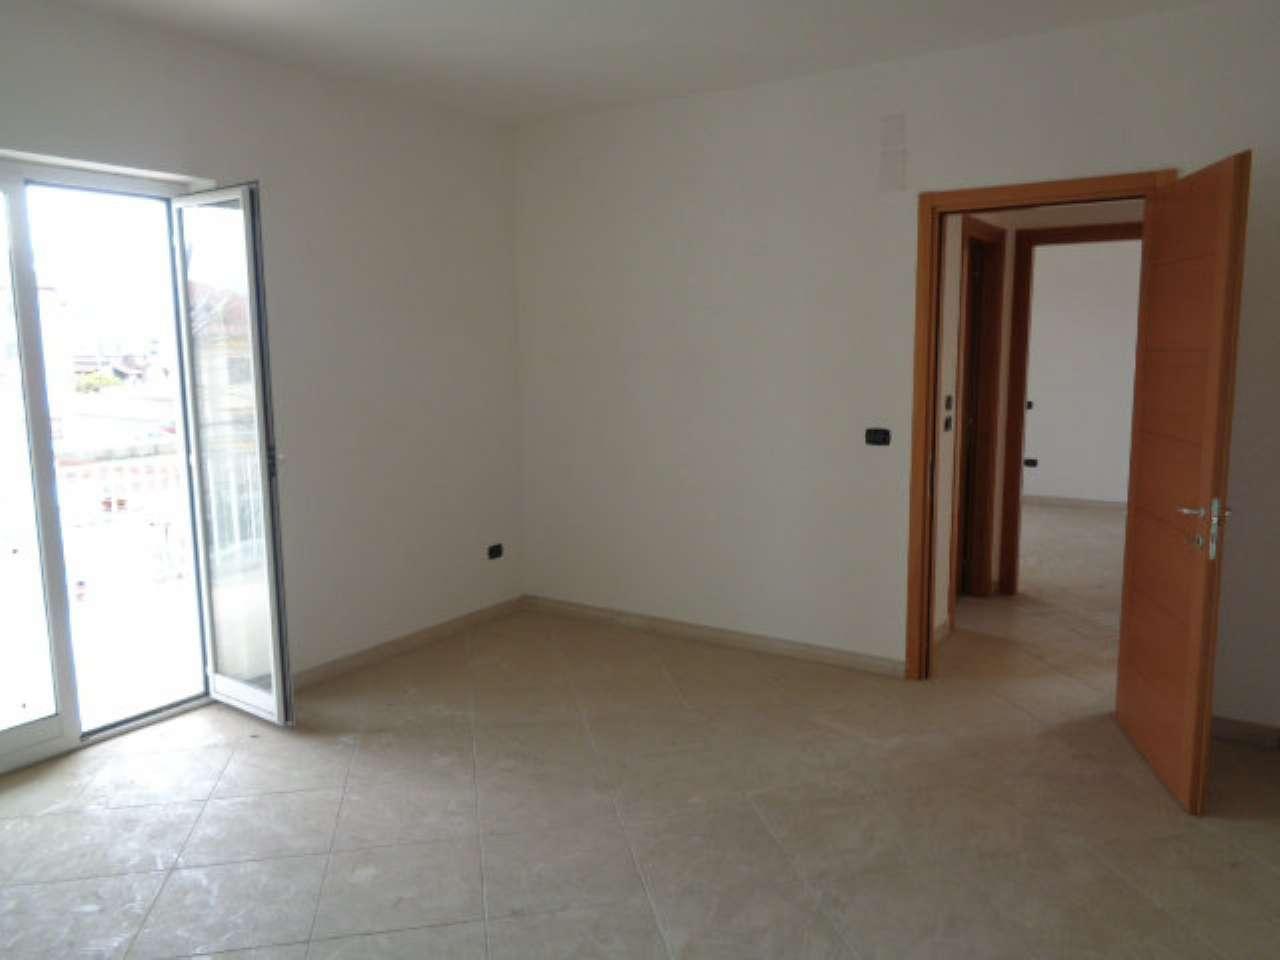 Appartamento in vendita a Mugnano di Napoli, 2 locali, prezzo € 129.000 | CambioCasa.it